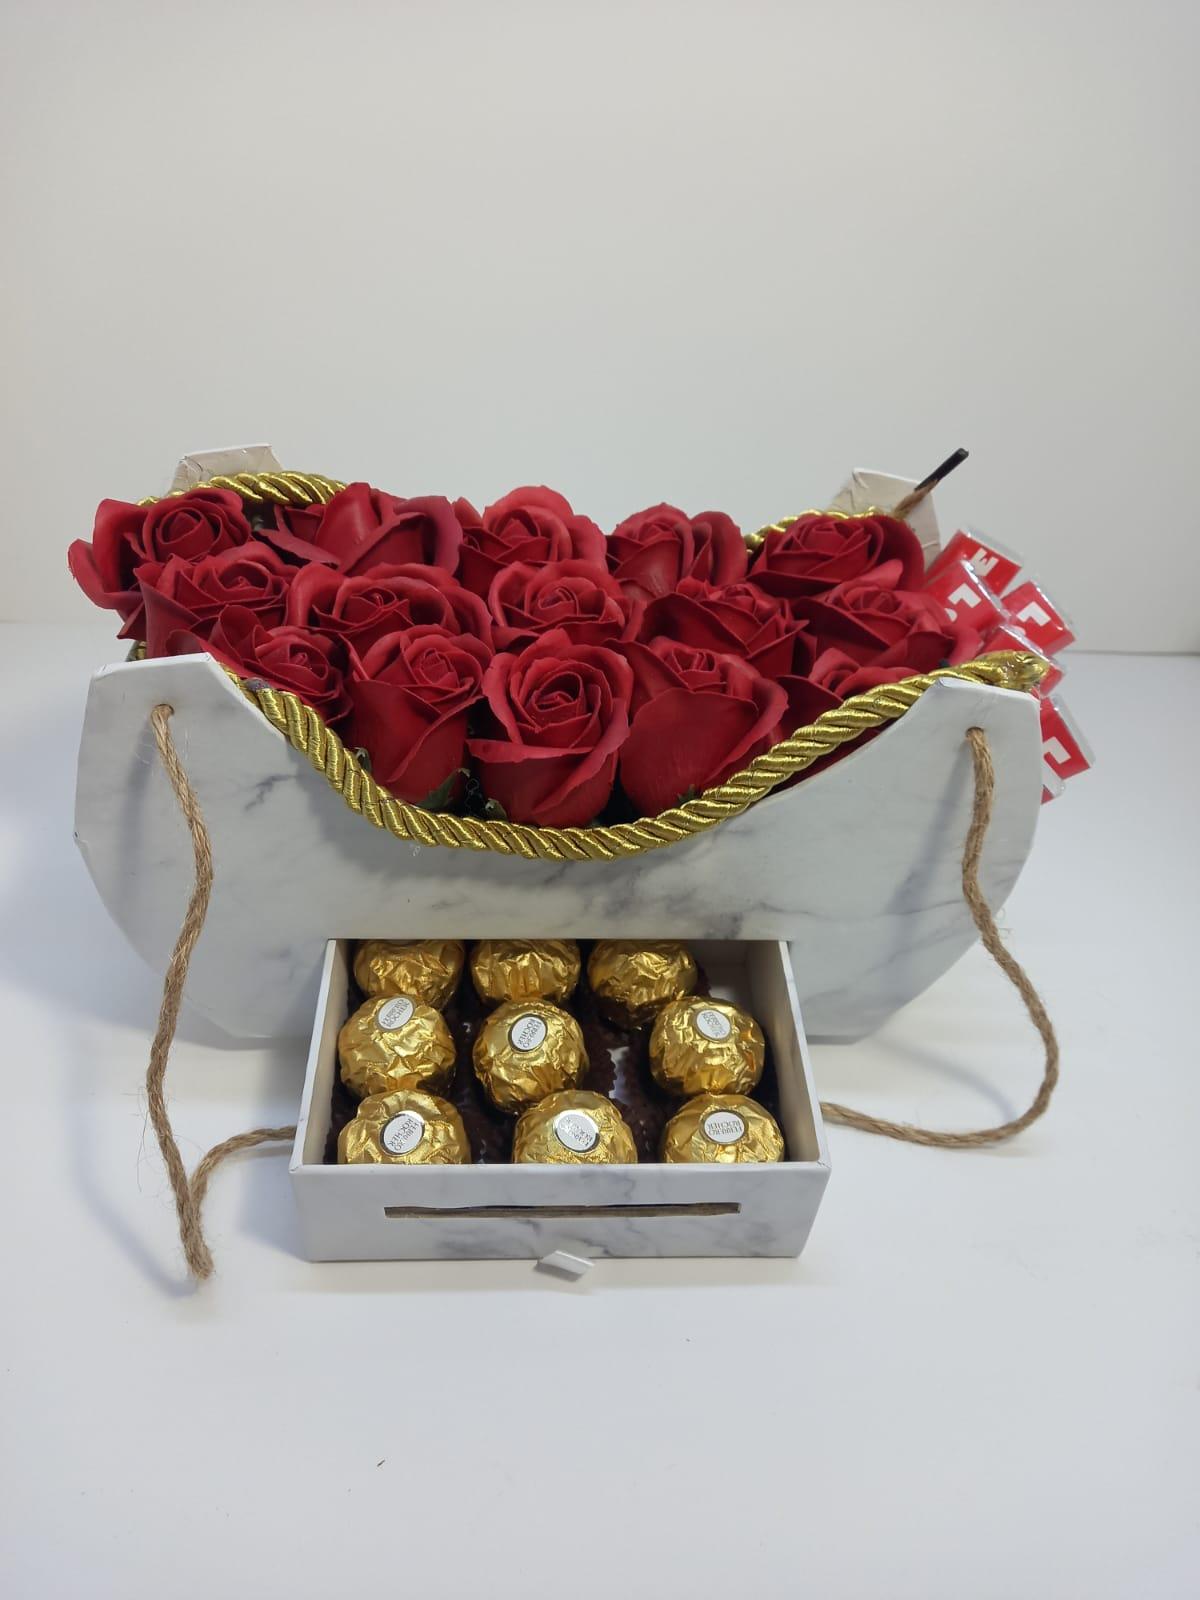 ורדים בשקית מהודרת